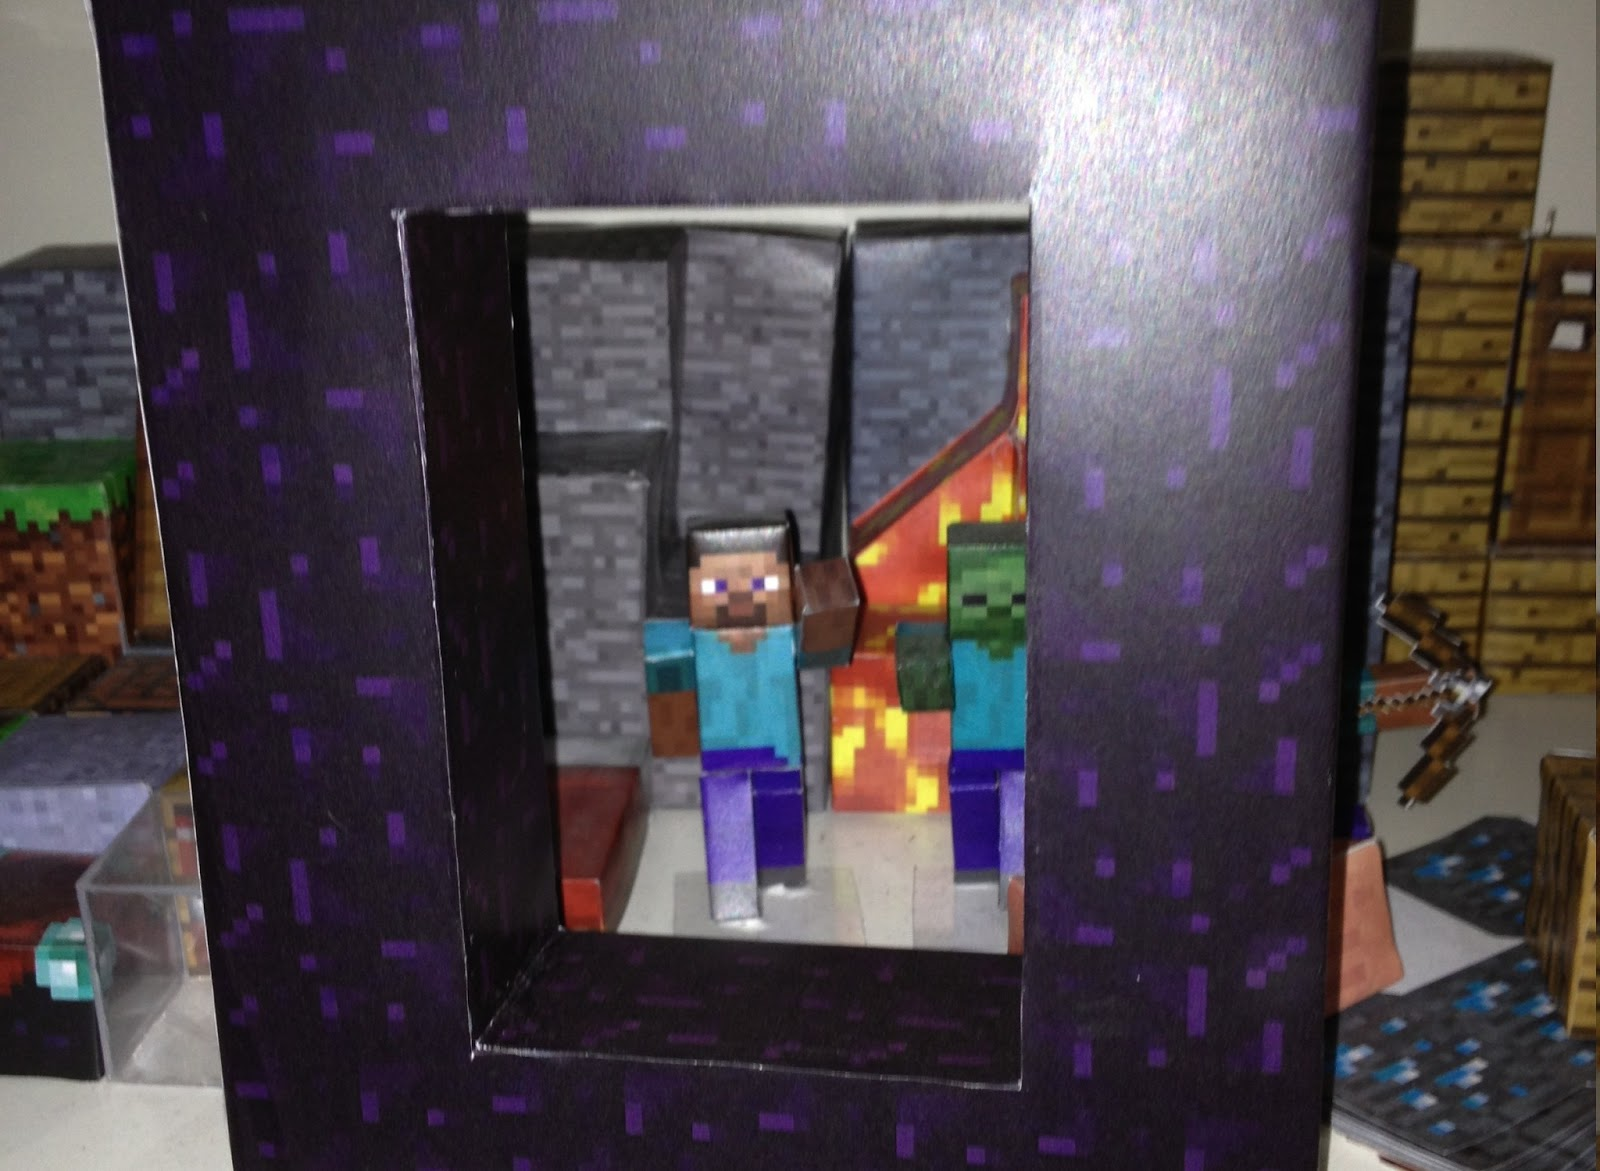 Otra Estructura Para Minecraft Y Esta Vez Le Toca El Turno A Una Muy Conocida Por Todos Portal Al Nether Pronto Subire La Plantilla Necesaria